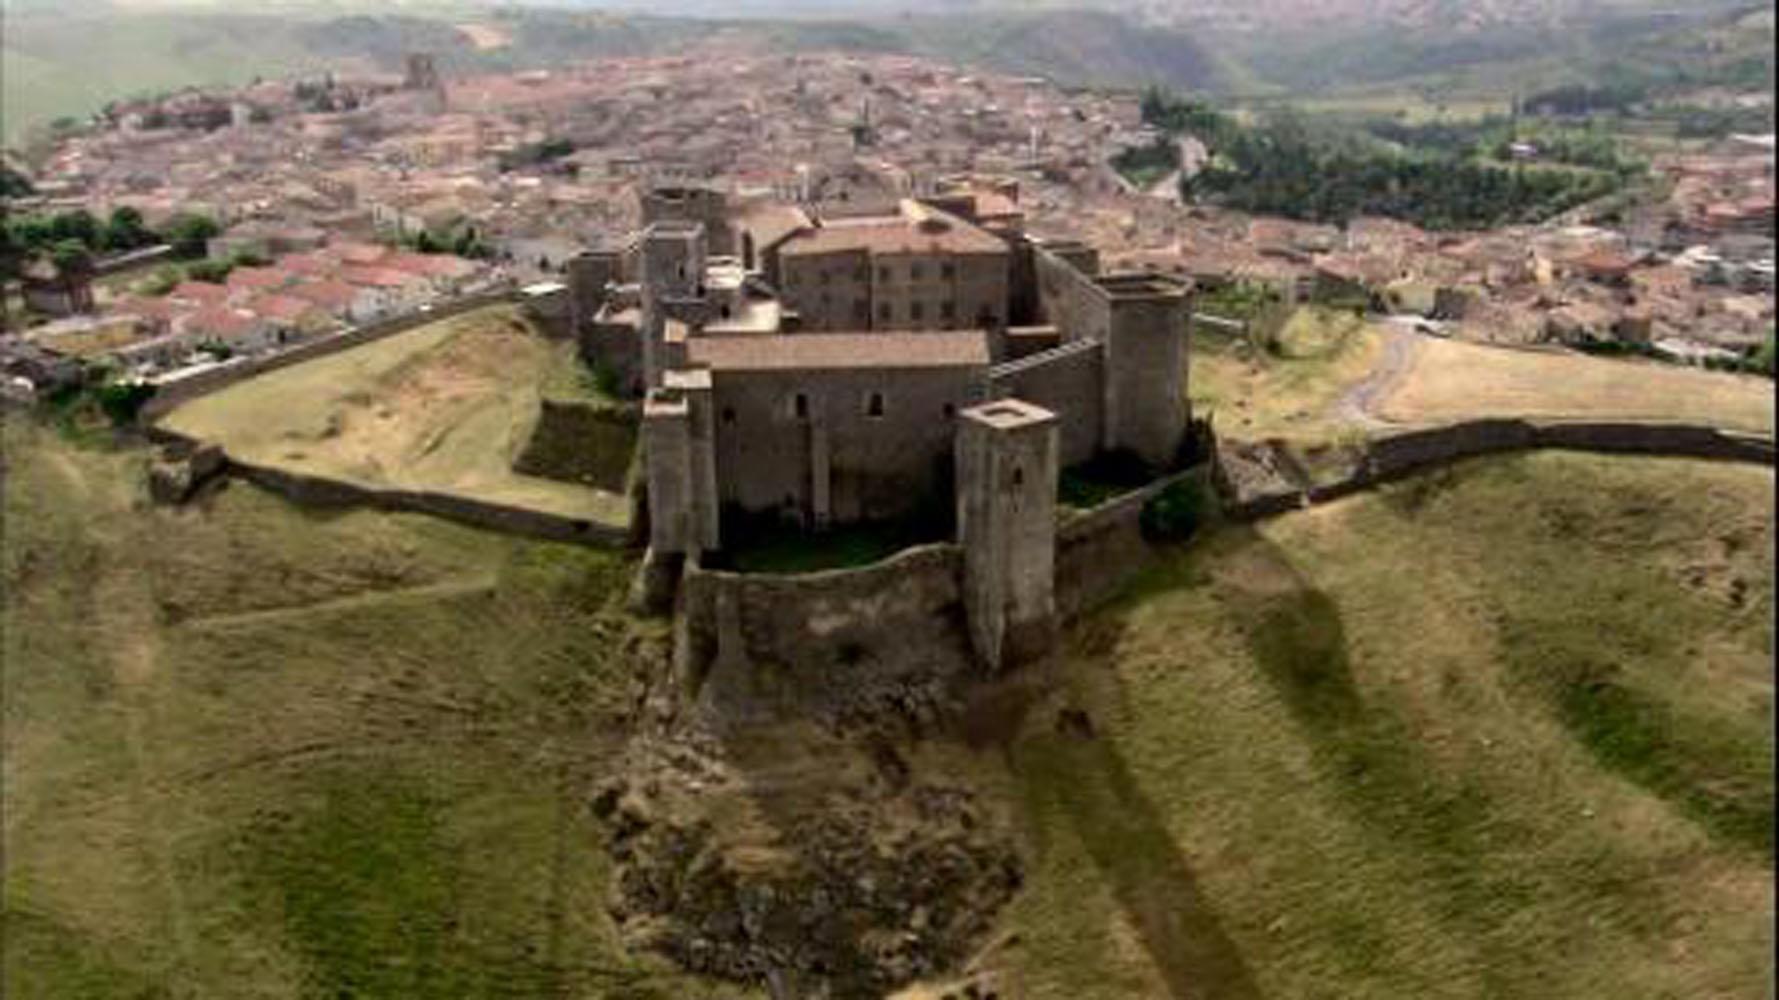 Melfi – Museo Archeologico – Restauro e consolidamento del Castello federiciano di Melfi, ampliamento del museo archeologico nazionale e del percorso di visita